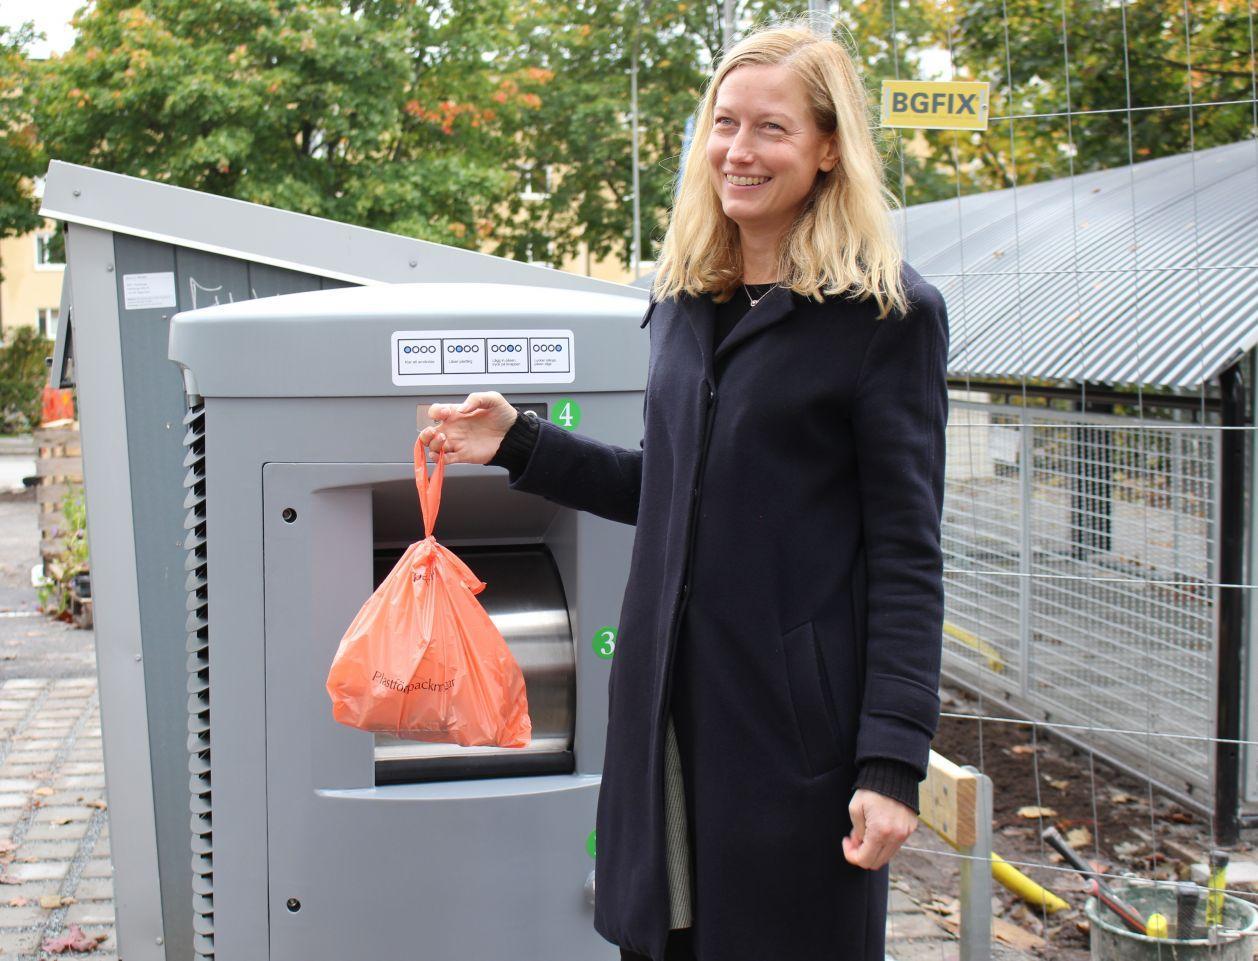 Власти Москвы пока не планируют избавляться от мусоропроводов